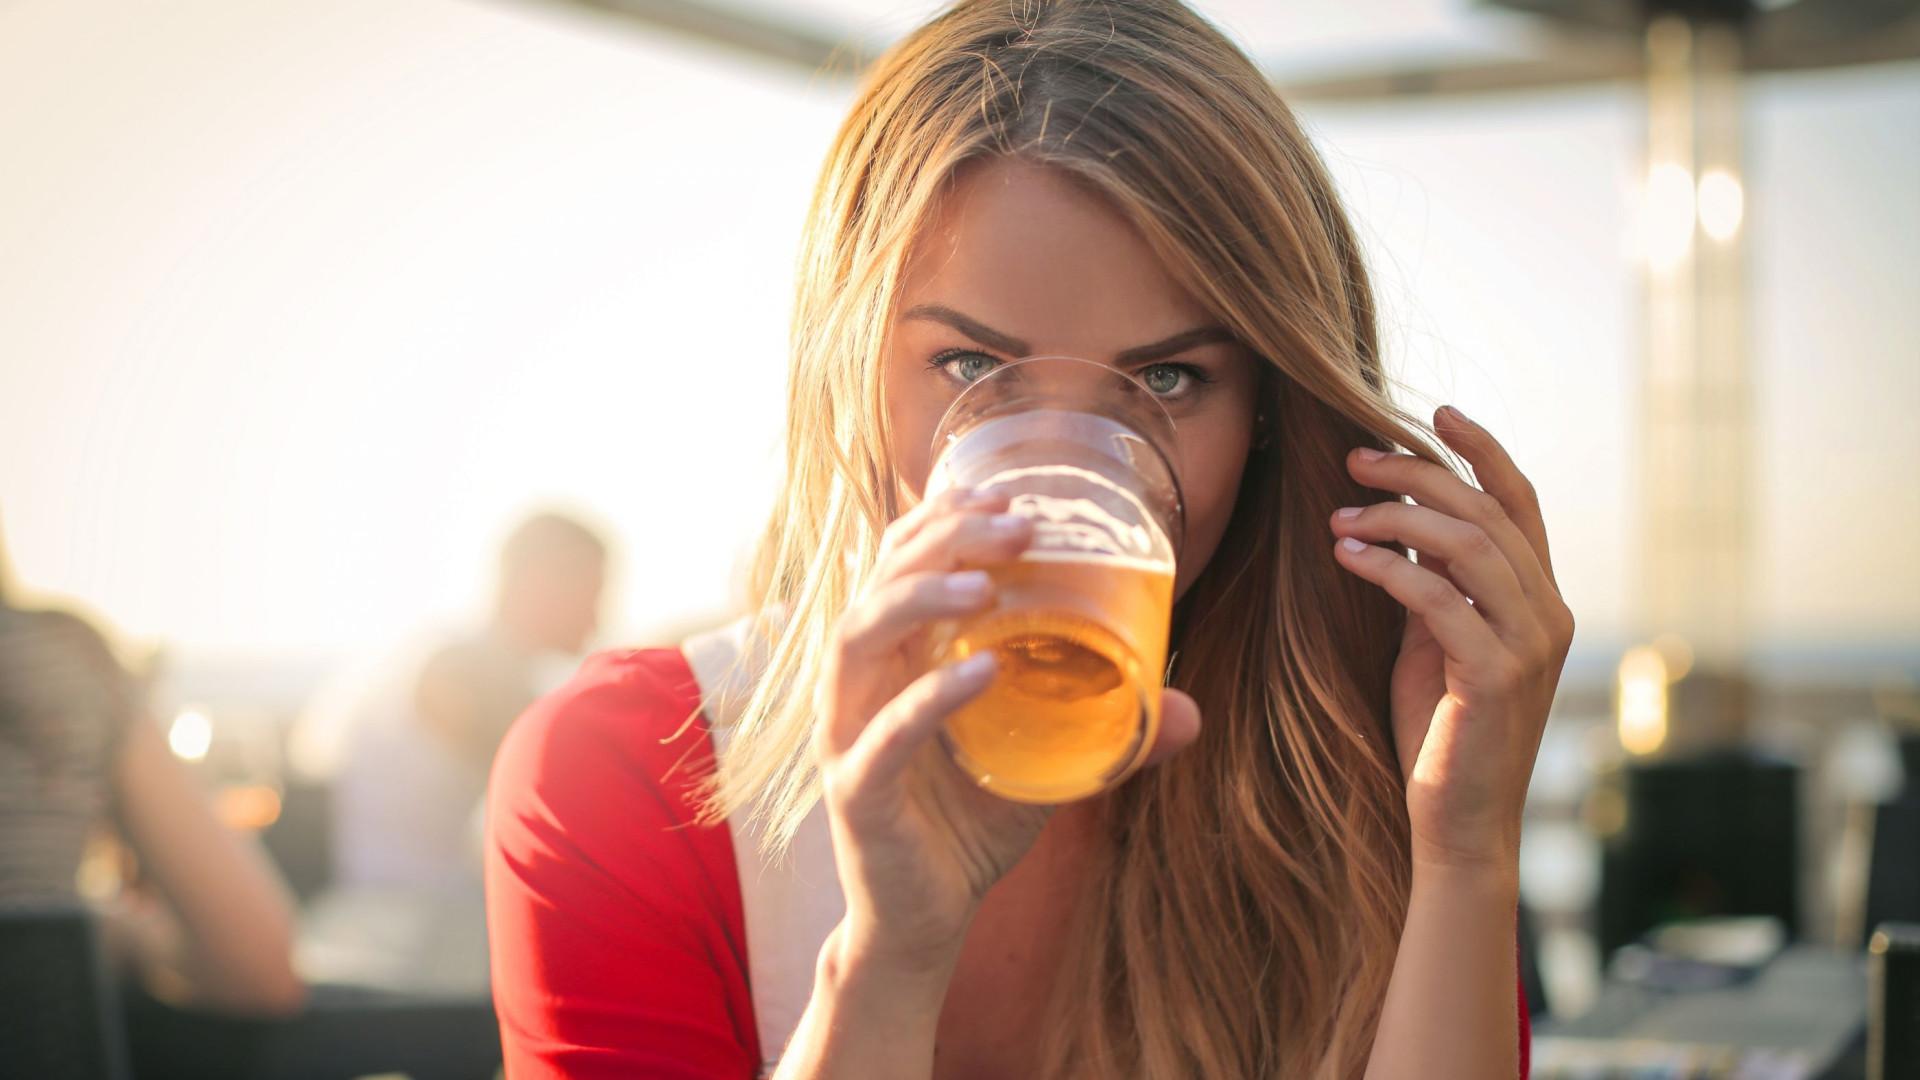 Cerveja engorda? Pelo contrário, novo estudo diz que não